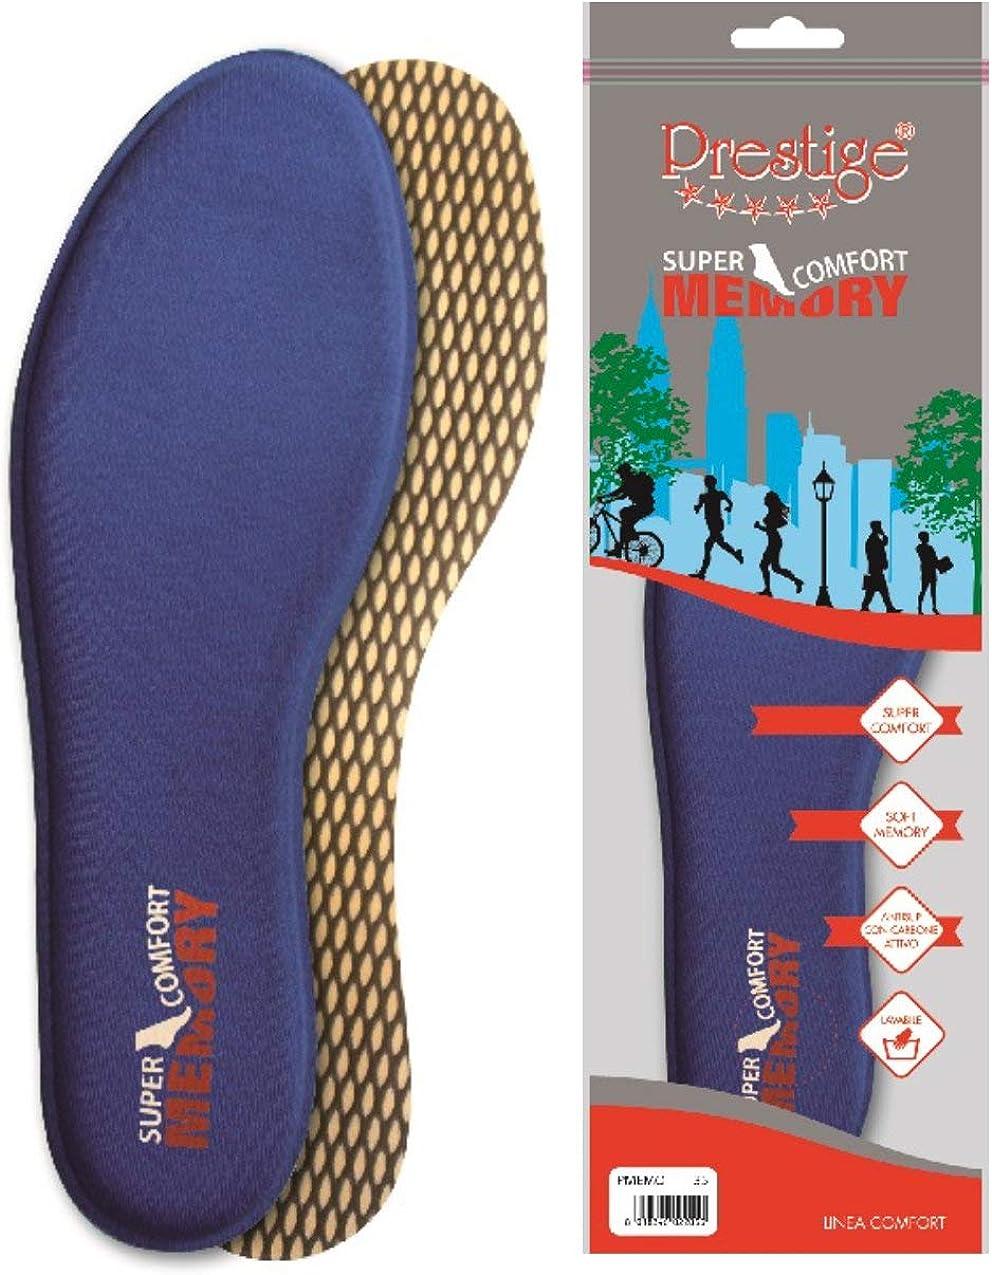 Plantillas Memory Form Espuma Prestige ortopédica Plantillas blandas ortopédicas de látex suaves para la suela de los zapatos Azul Size: 40